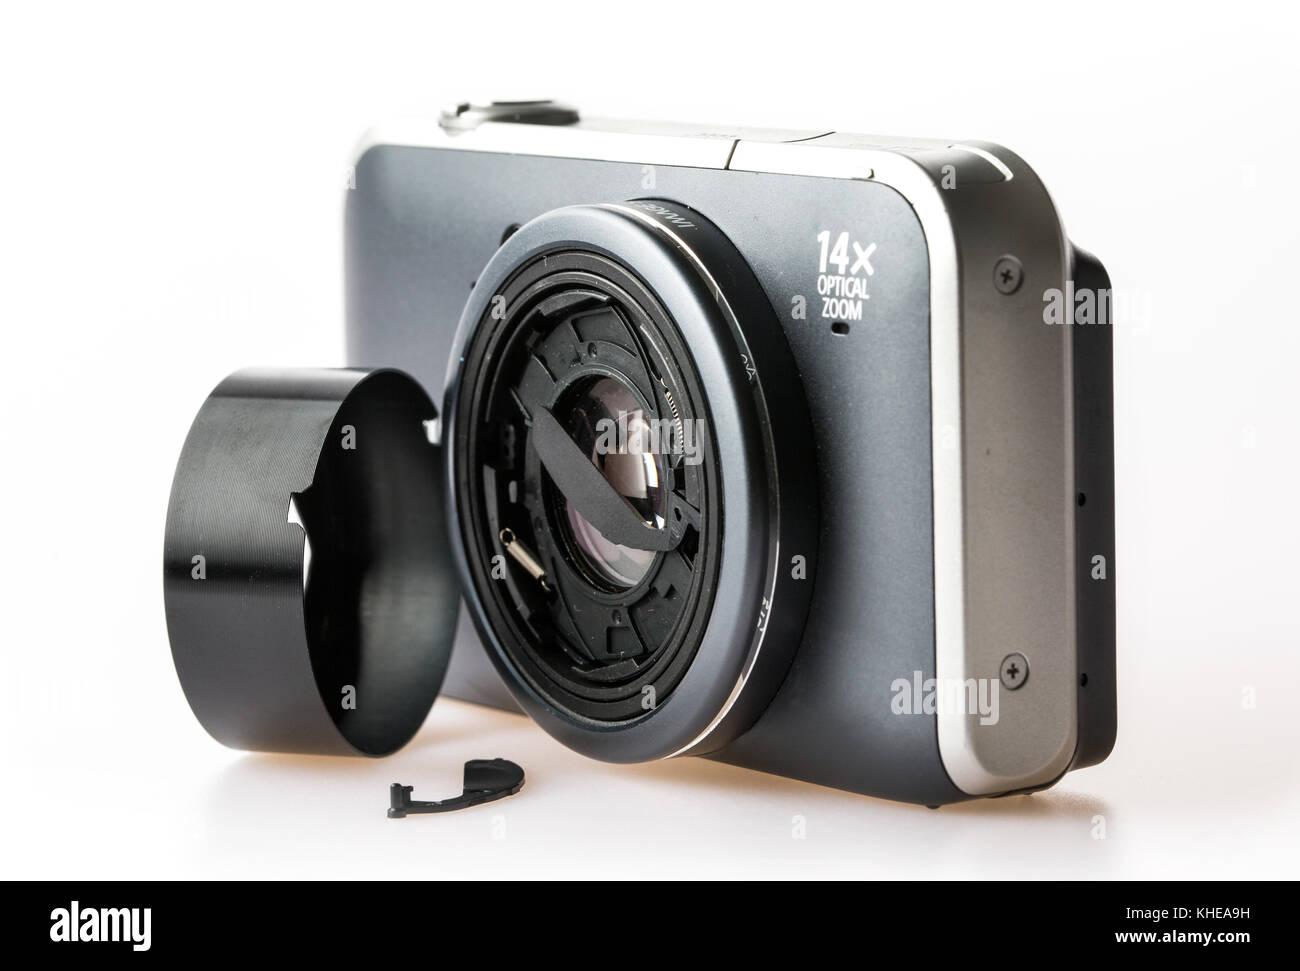 Una caduta di rotte fracassato fotocamera digitale compatta Immagini Stock